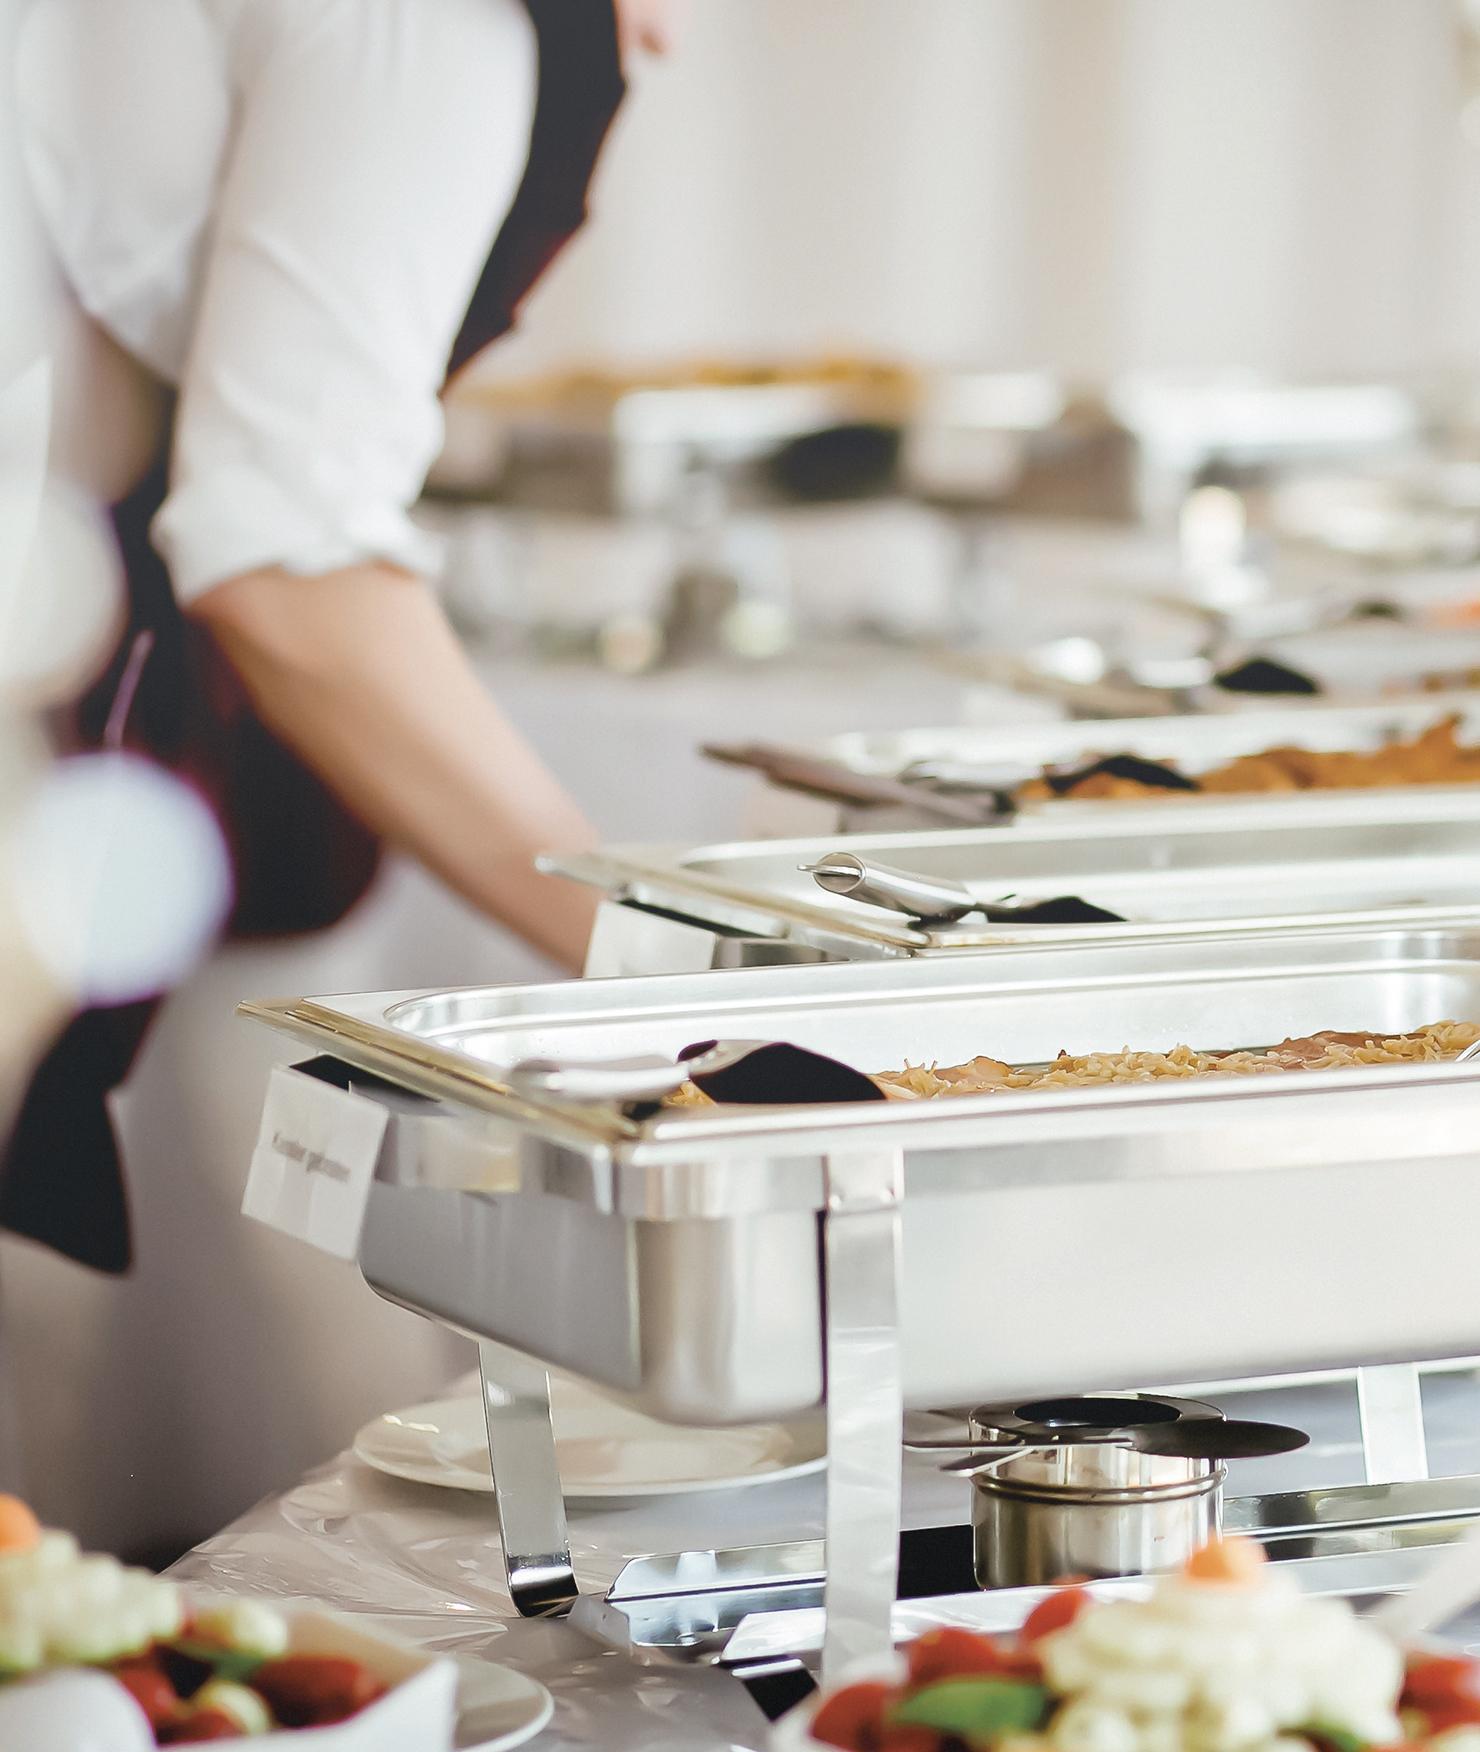 BRITA acqua buffet catering